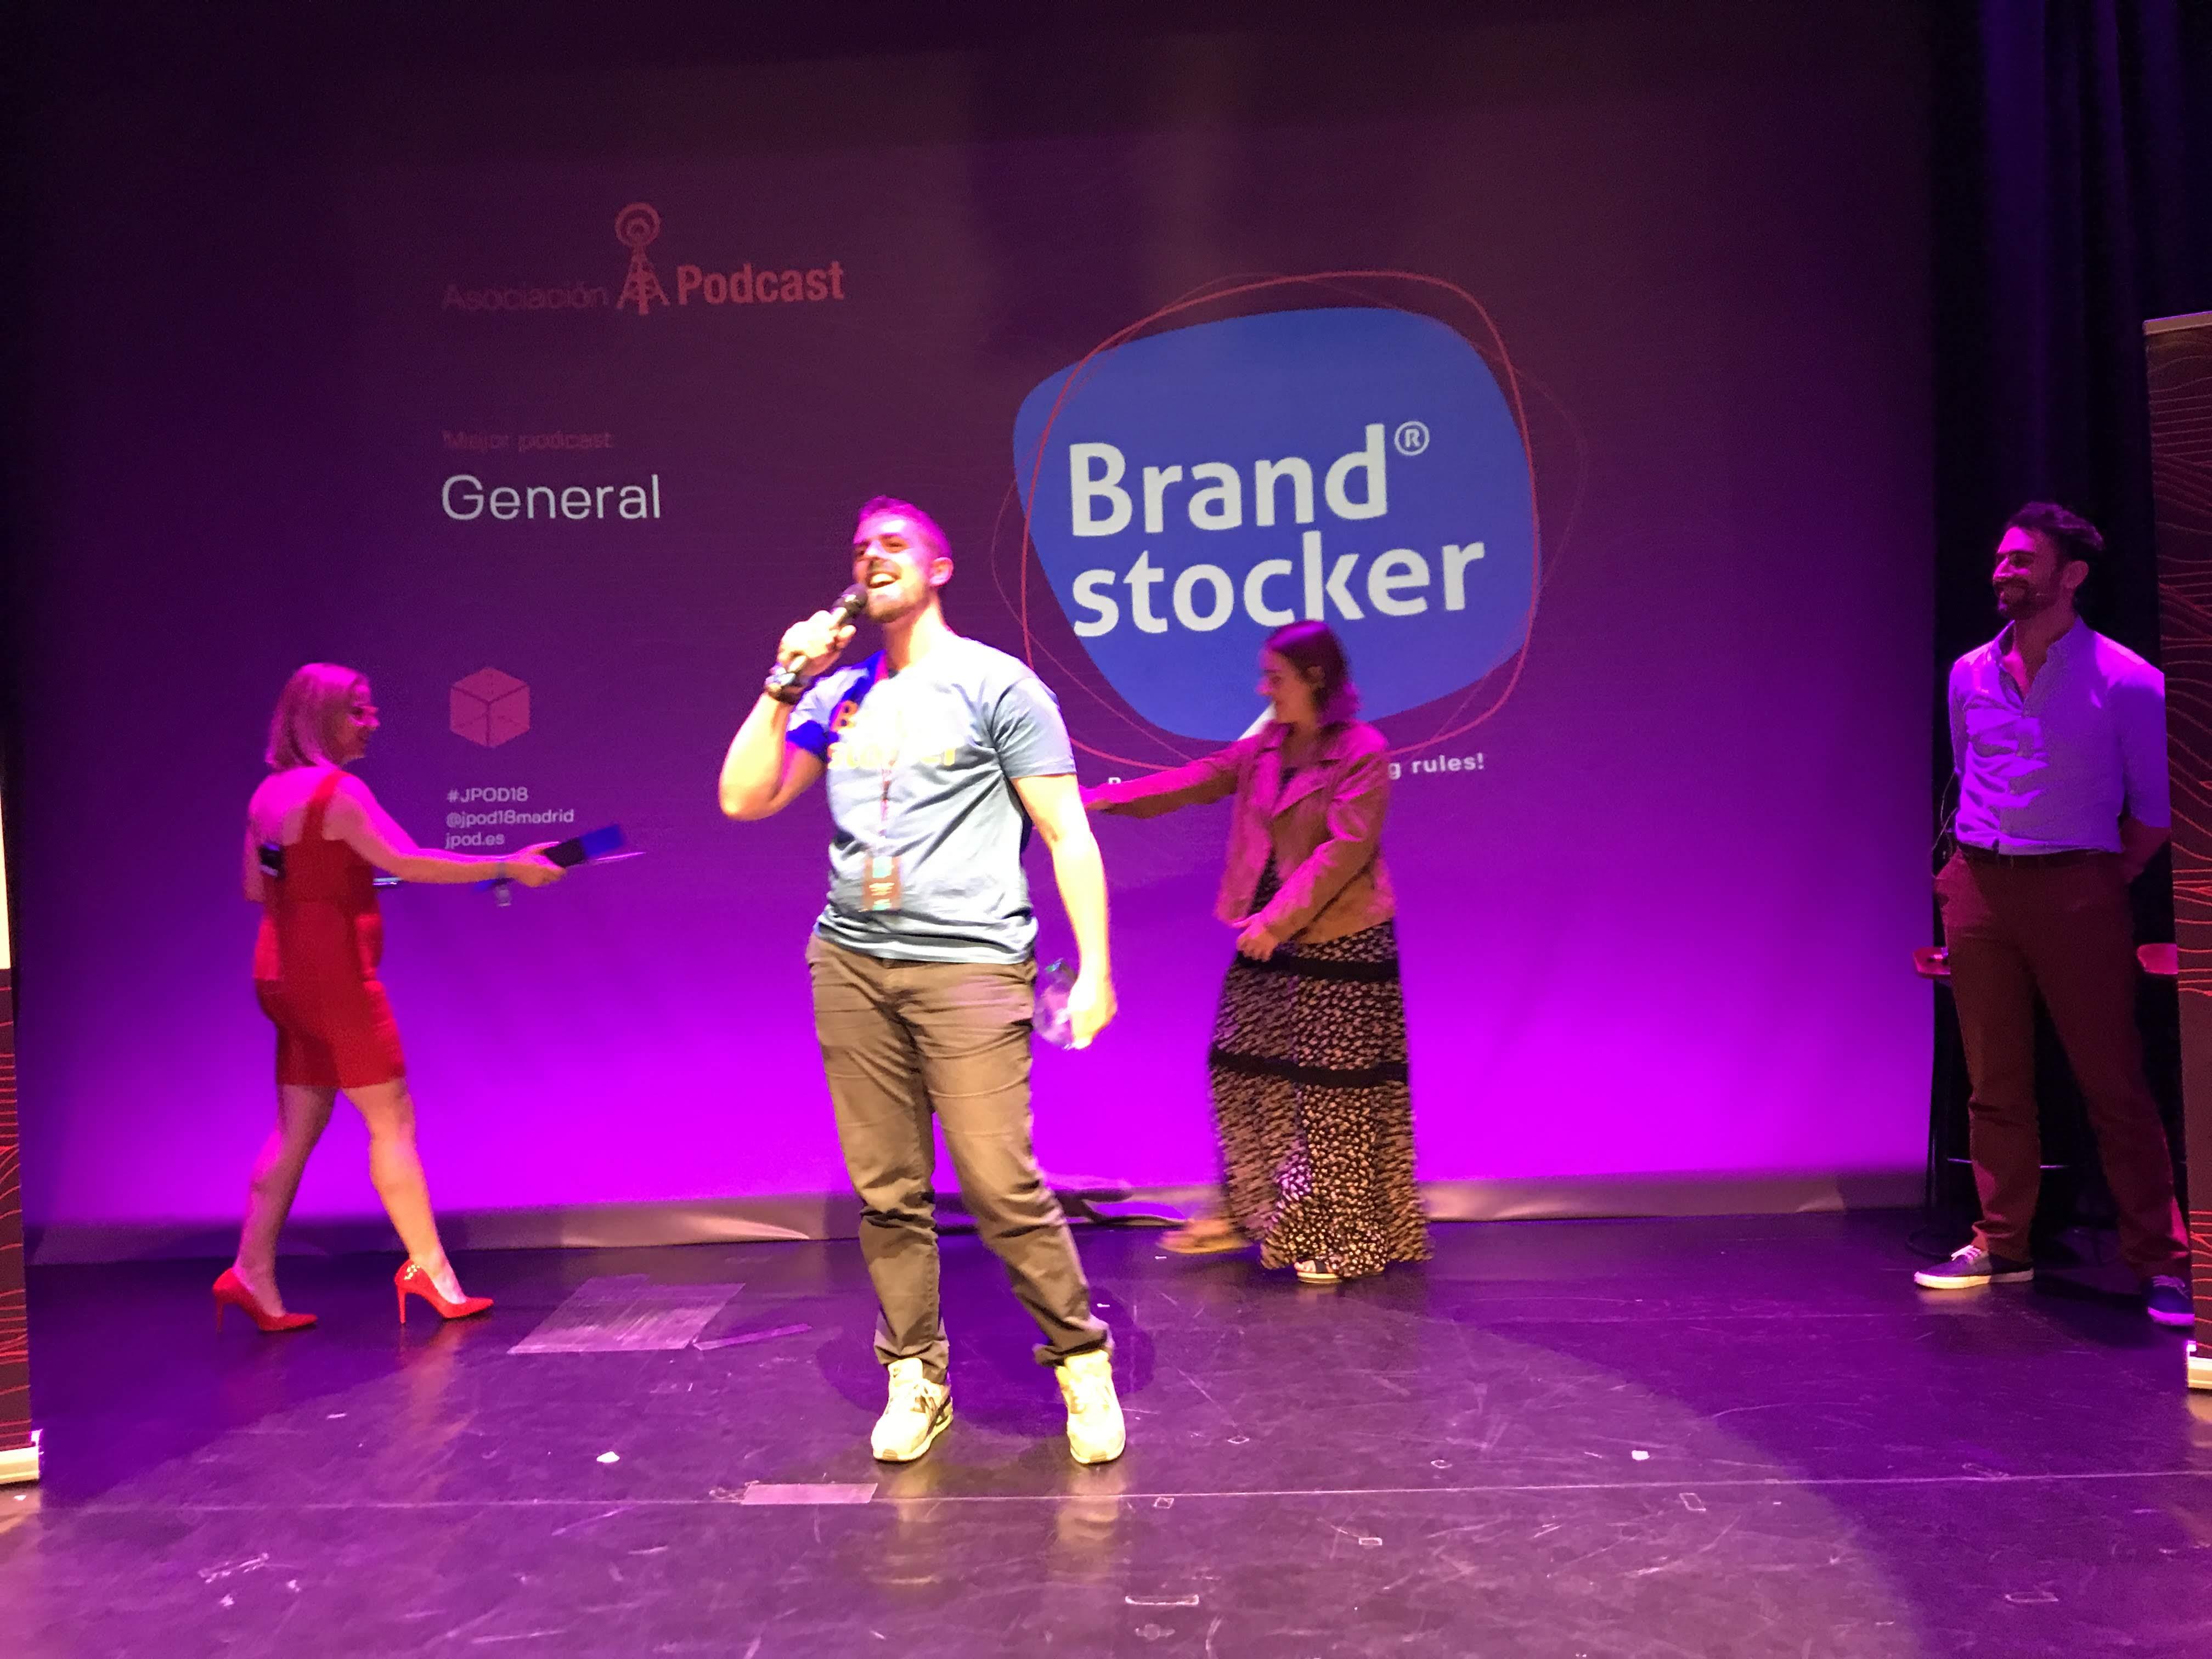 Foto: Alfonso Buenavista - Brand stocker, ganador del premio al Mejor Podcast General 2018 en la IX Edición de los premios de la Asociación Podcast.